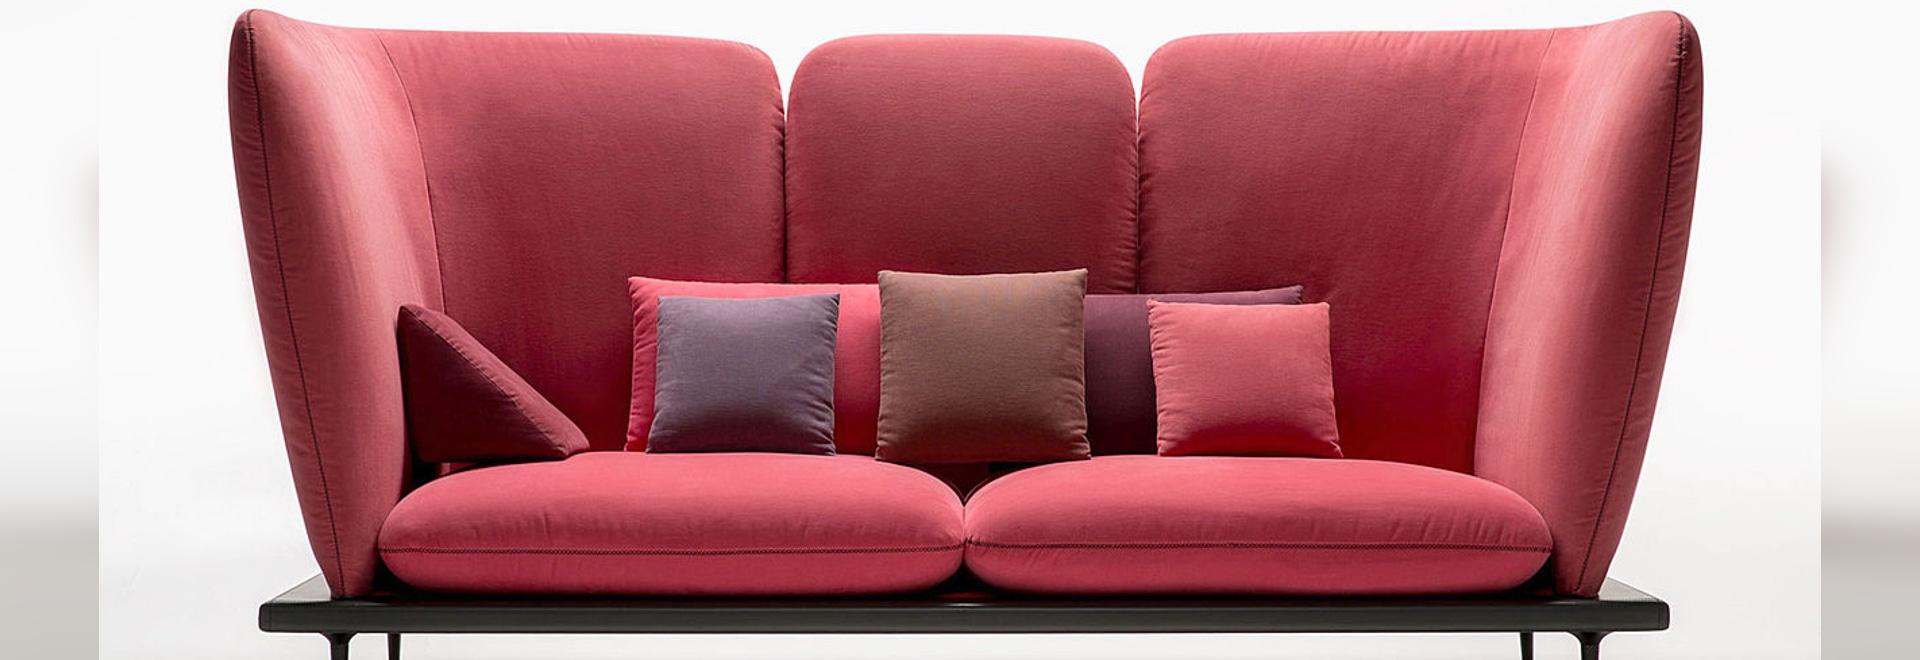 Collection Sofa4Manhattan : conçu et construit pour les habitants de New York City